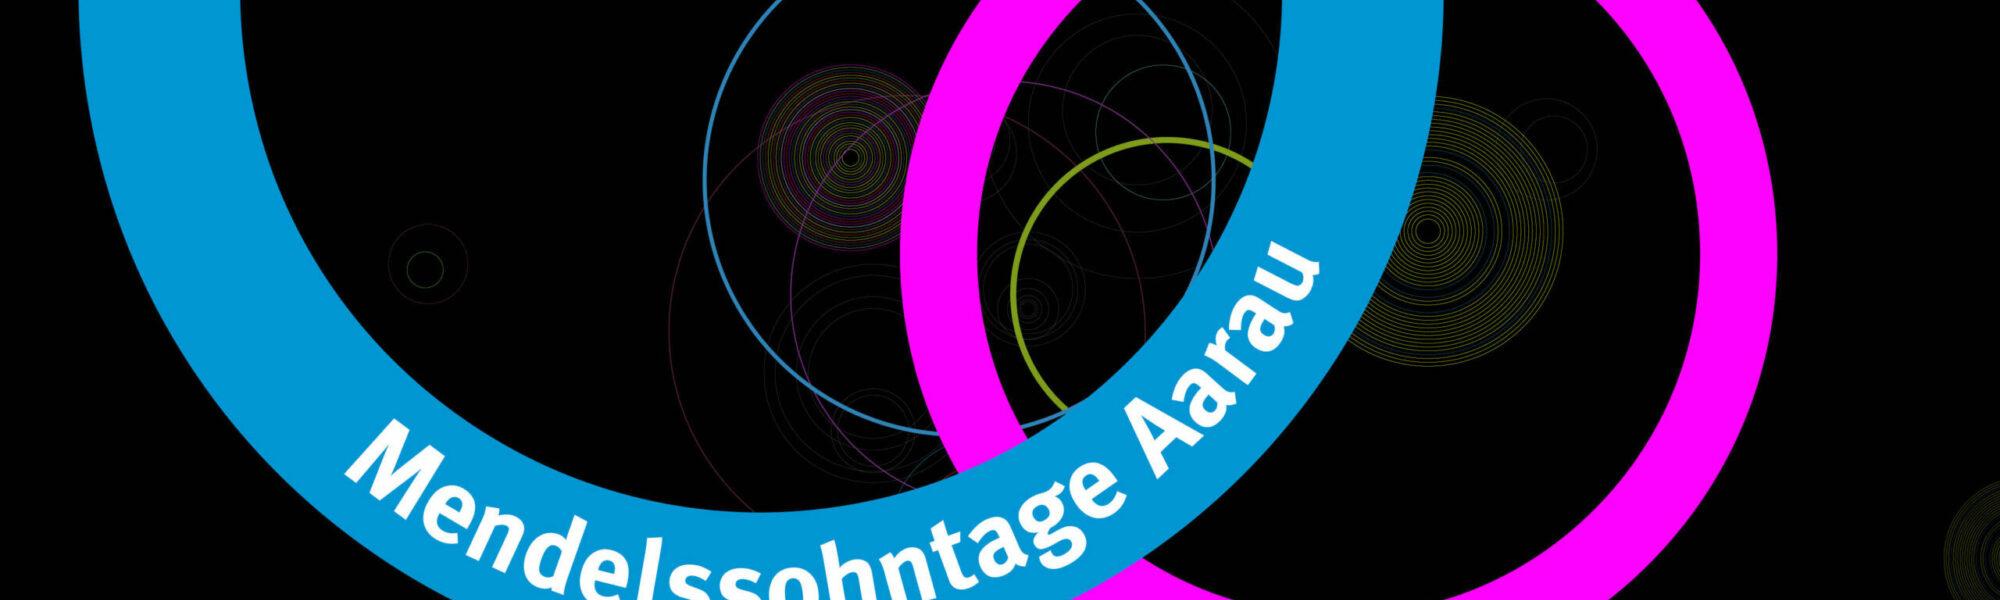 Mendelssohntage Aarau 2021